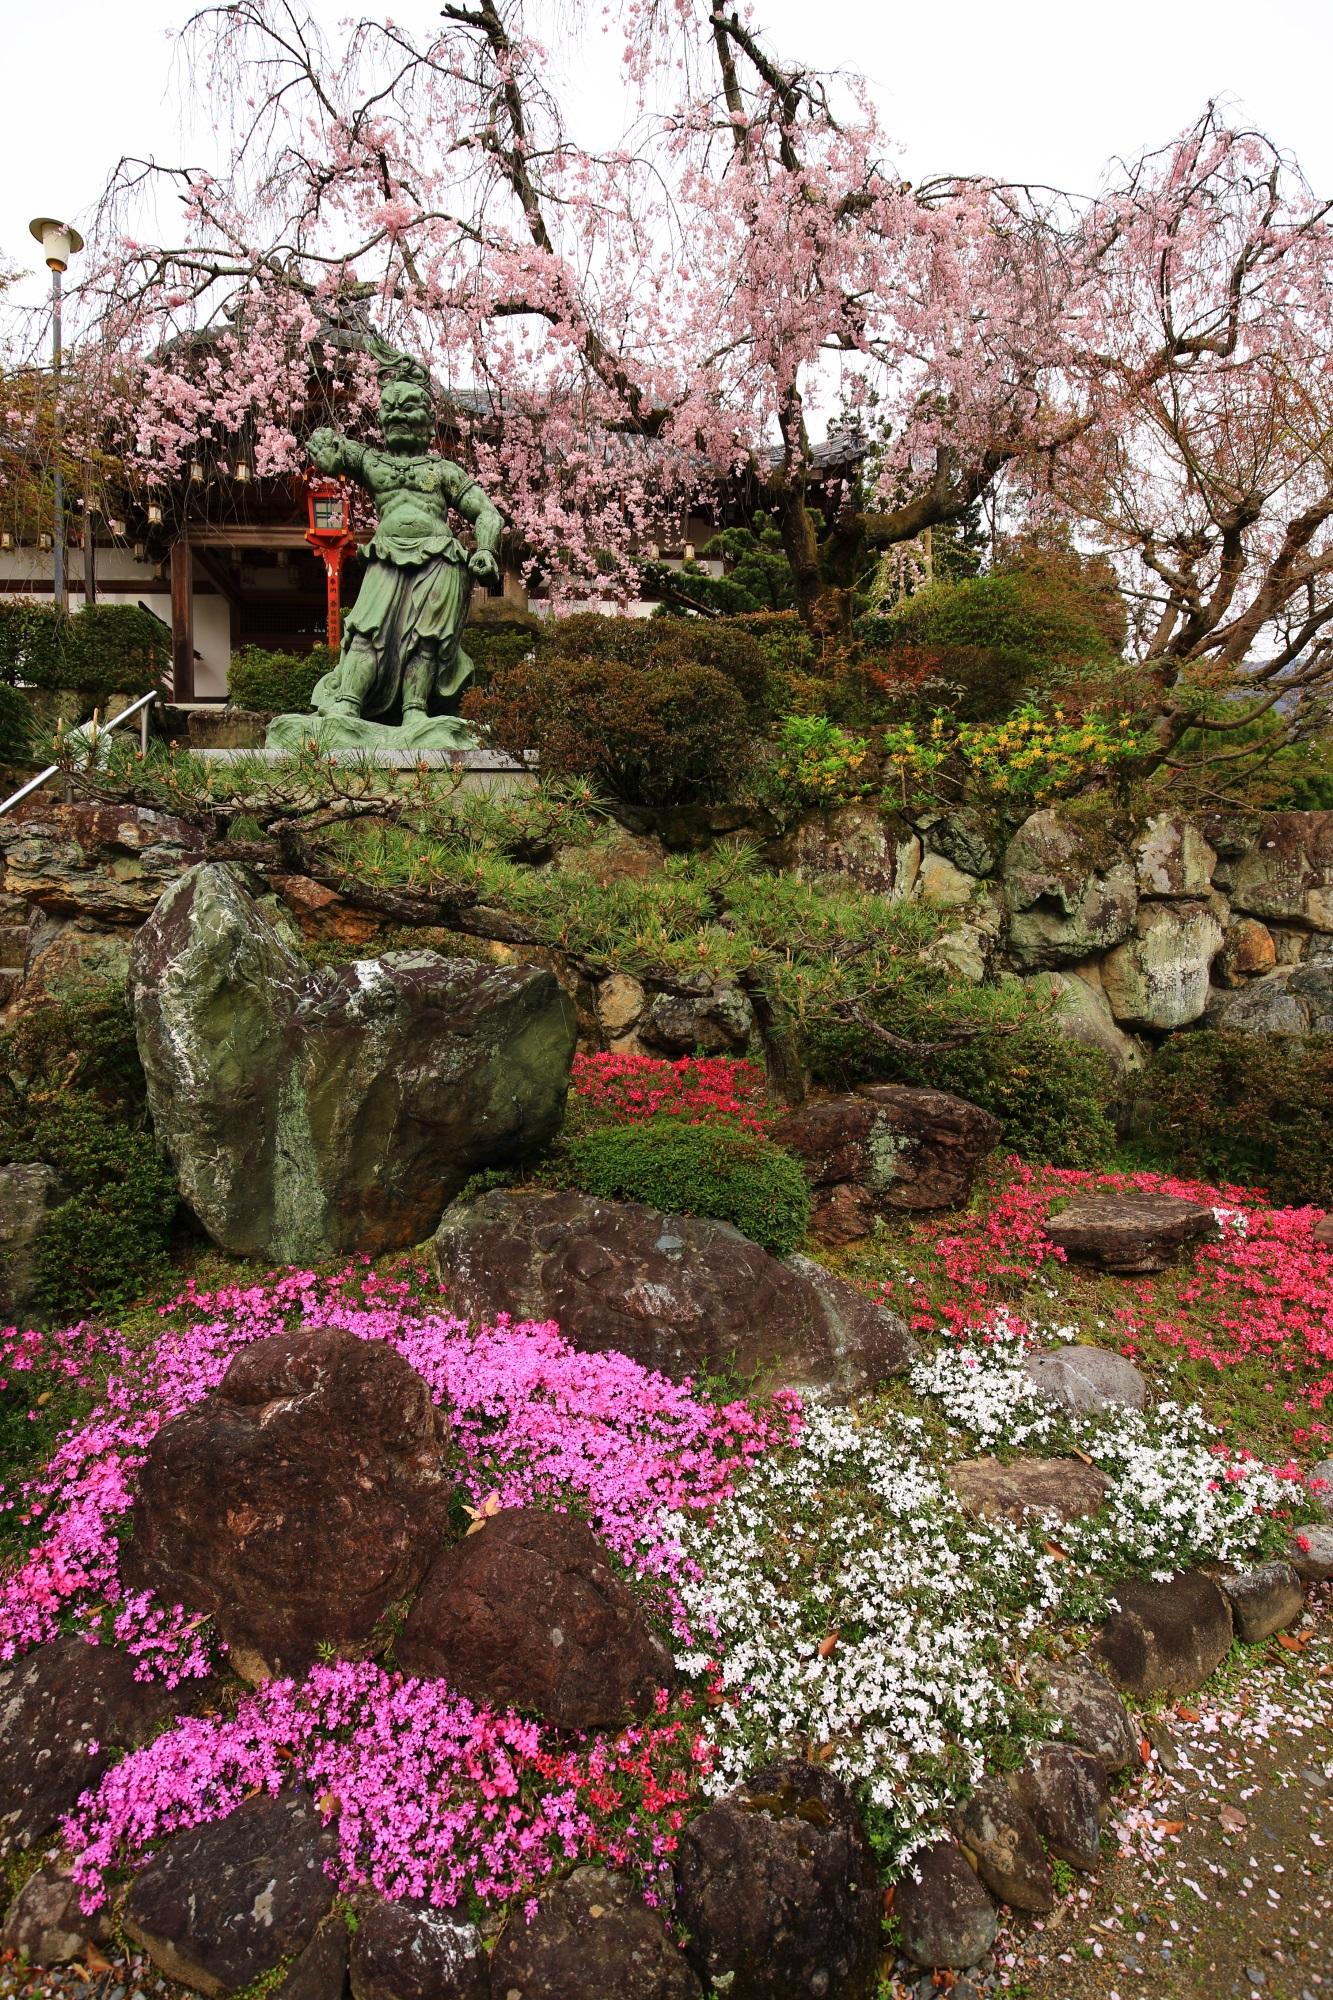 正法寺の春日不動明王のしだれ桜と芝桜